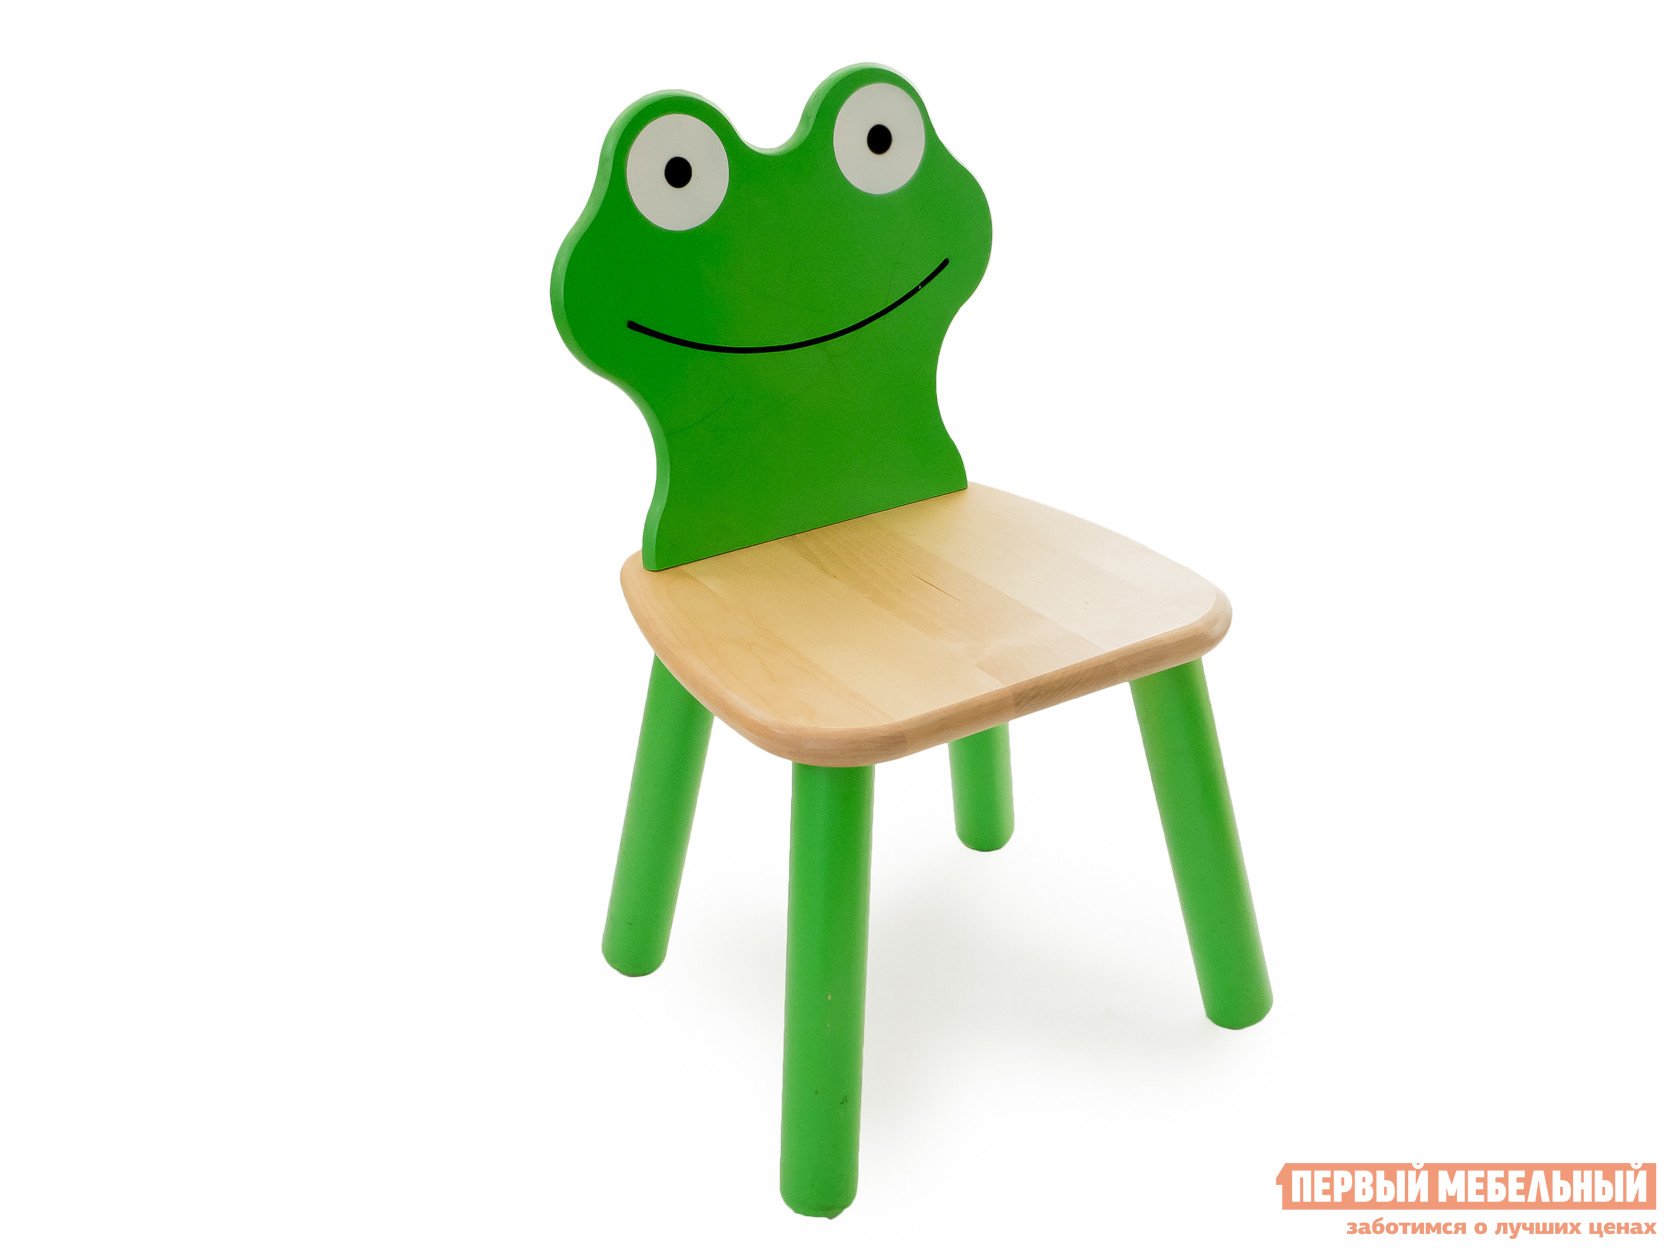 Столик и стульчик Стул детский Лягушонок Ольха фото